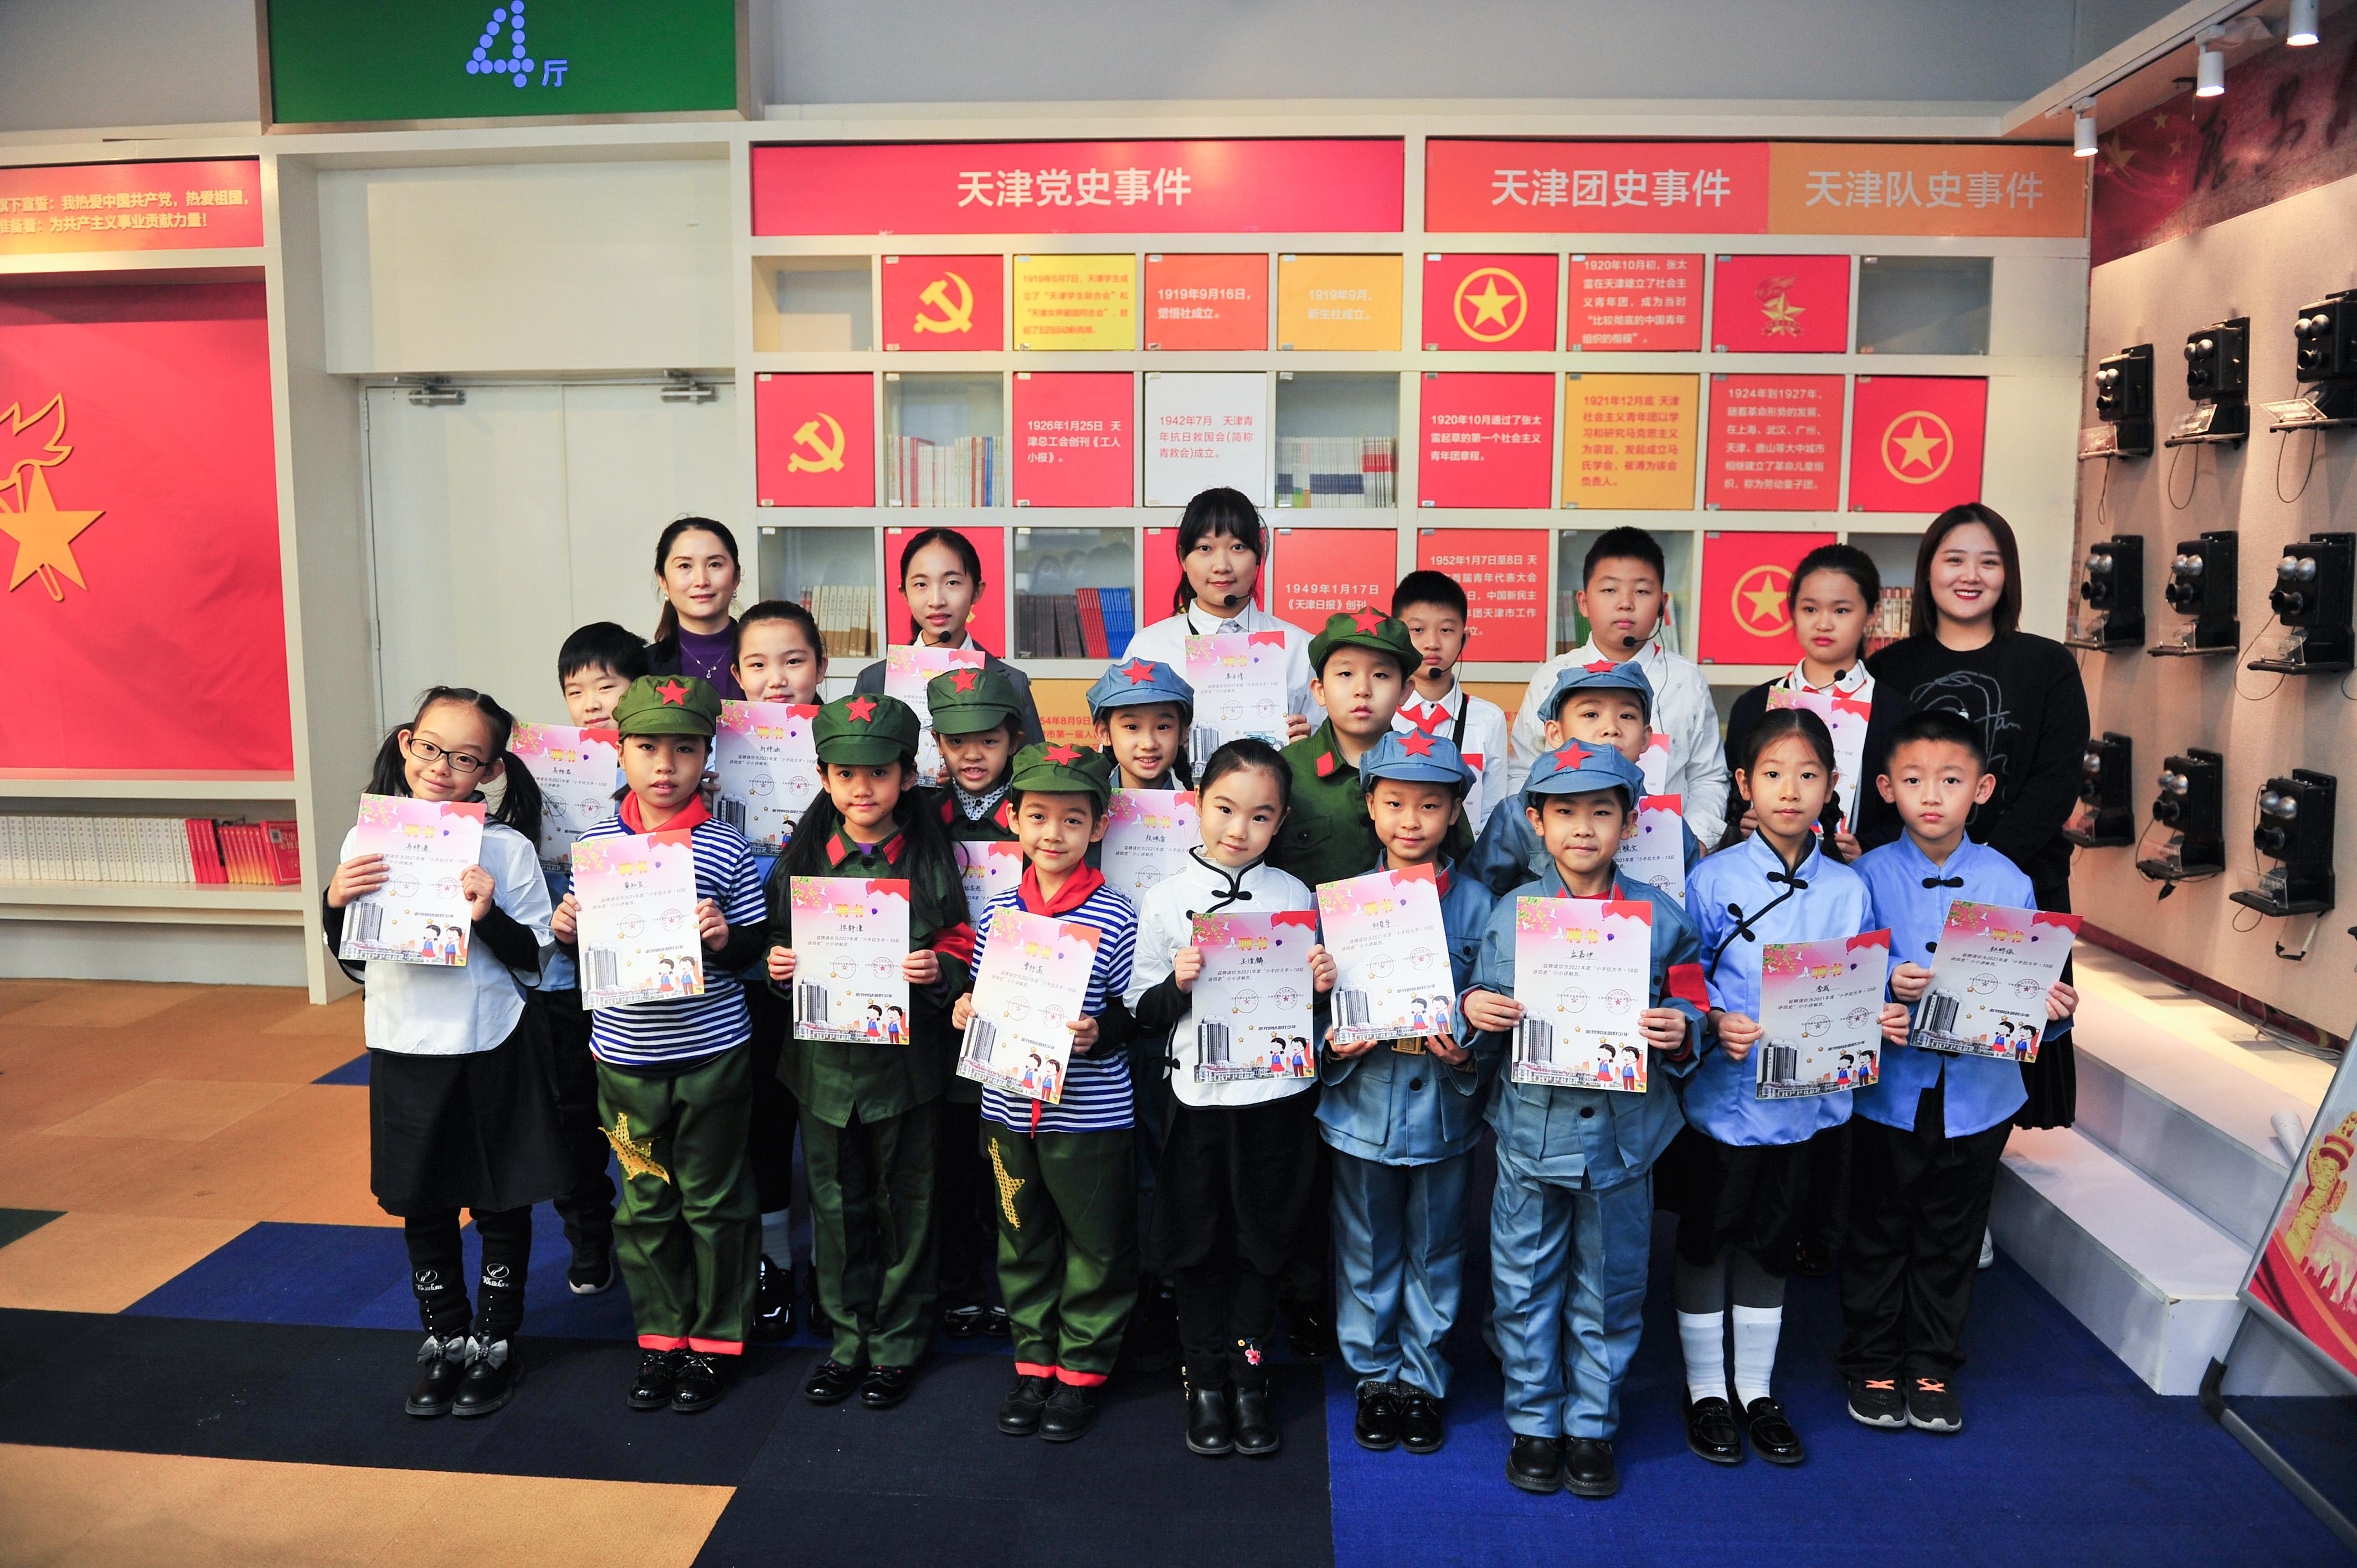 天津青年宫培训中心成功举办主题思想教育活动